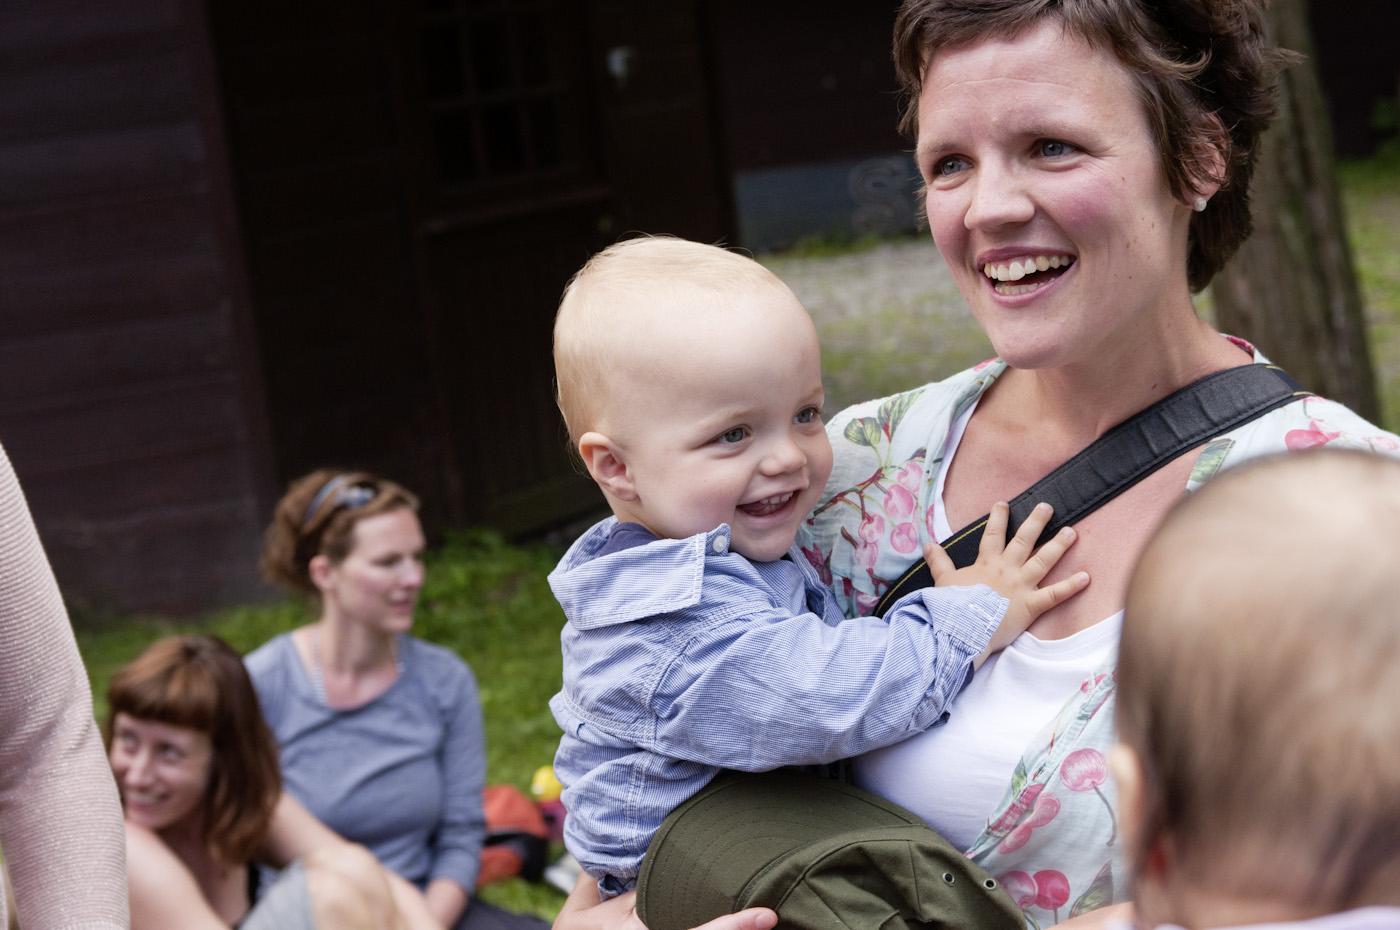 Familien genießen die liebevolle, unkomplizierte Atmosphäre